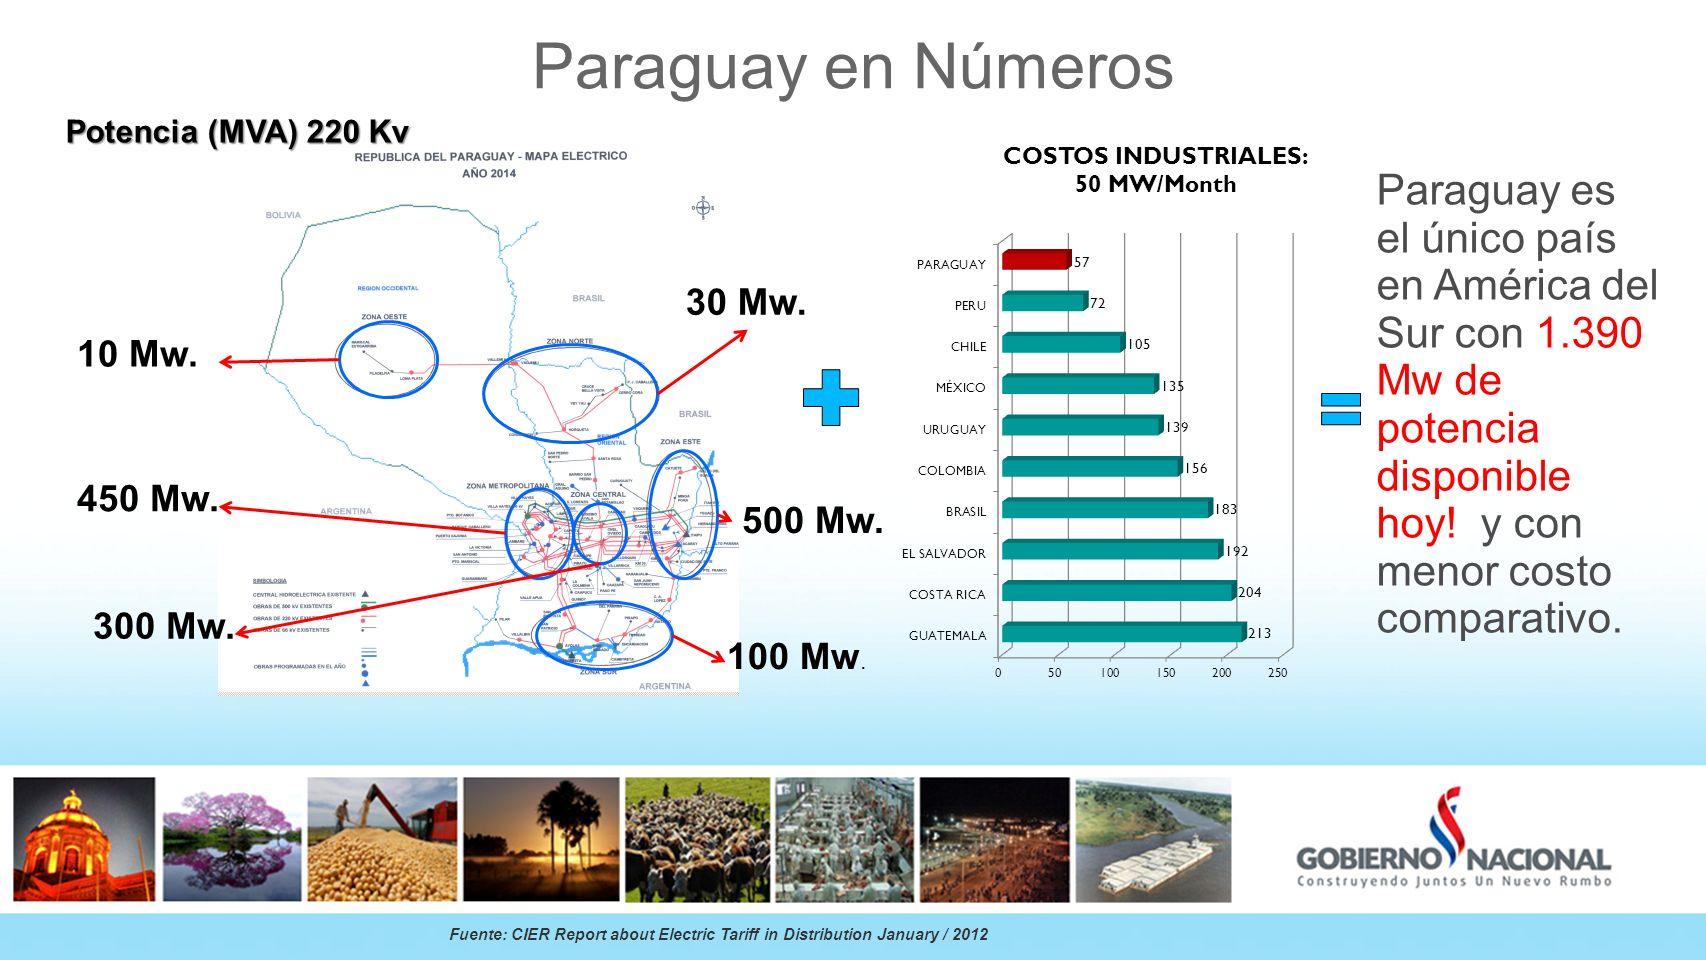 Paraguay en Números Paraguay es el único país en América del Sur con 1.390 Mw de potencia disponible hoy! y con menor costo comparativo. Fuente: CIER